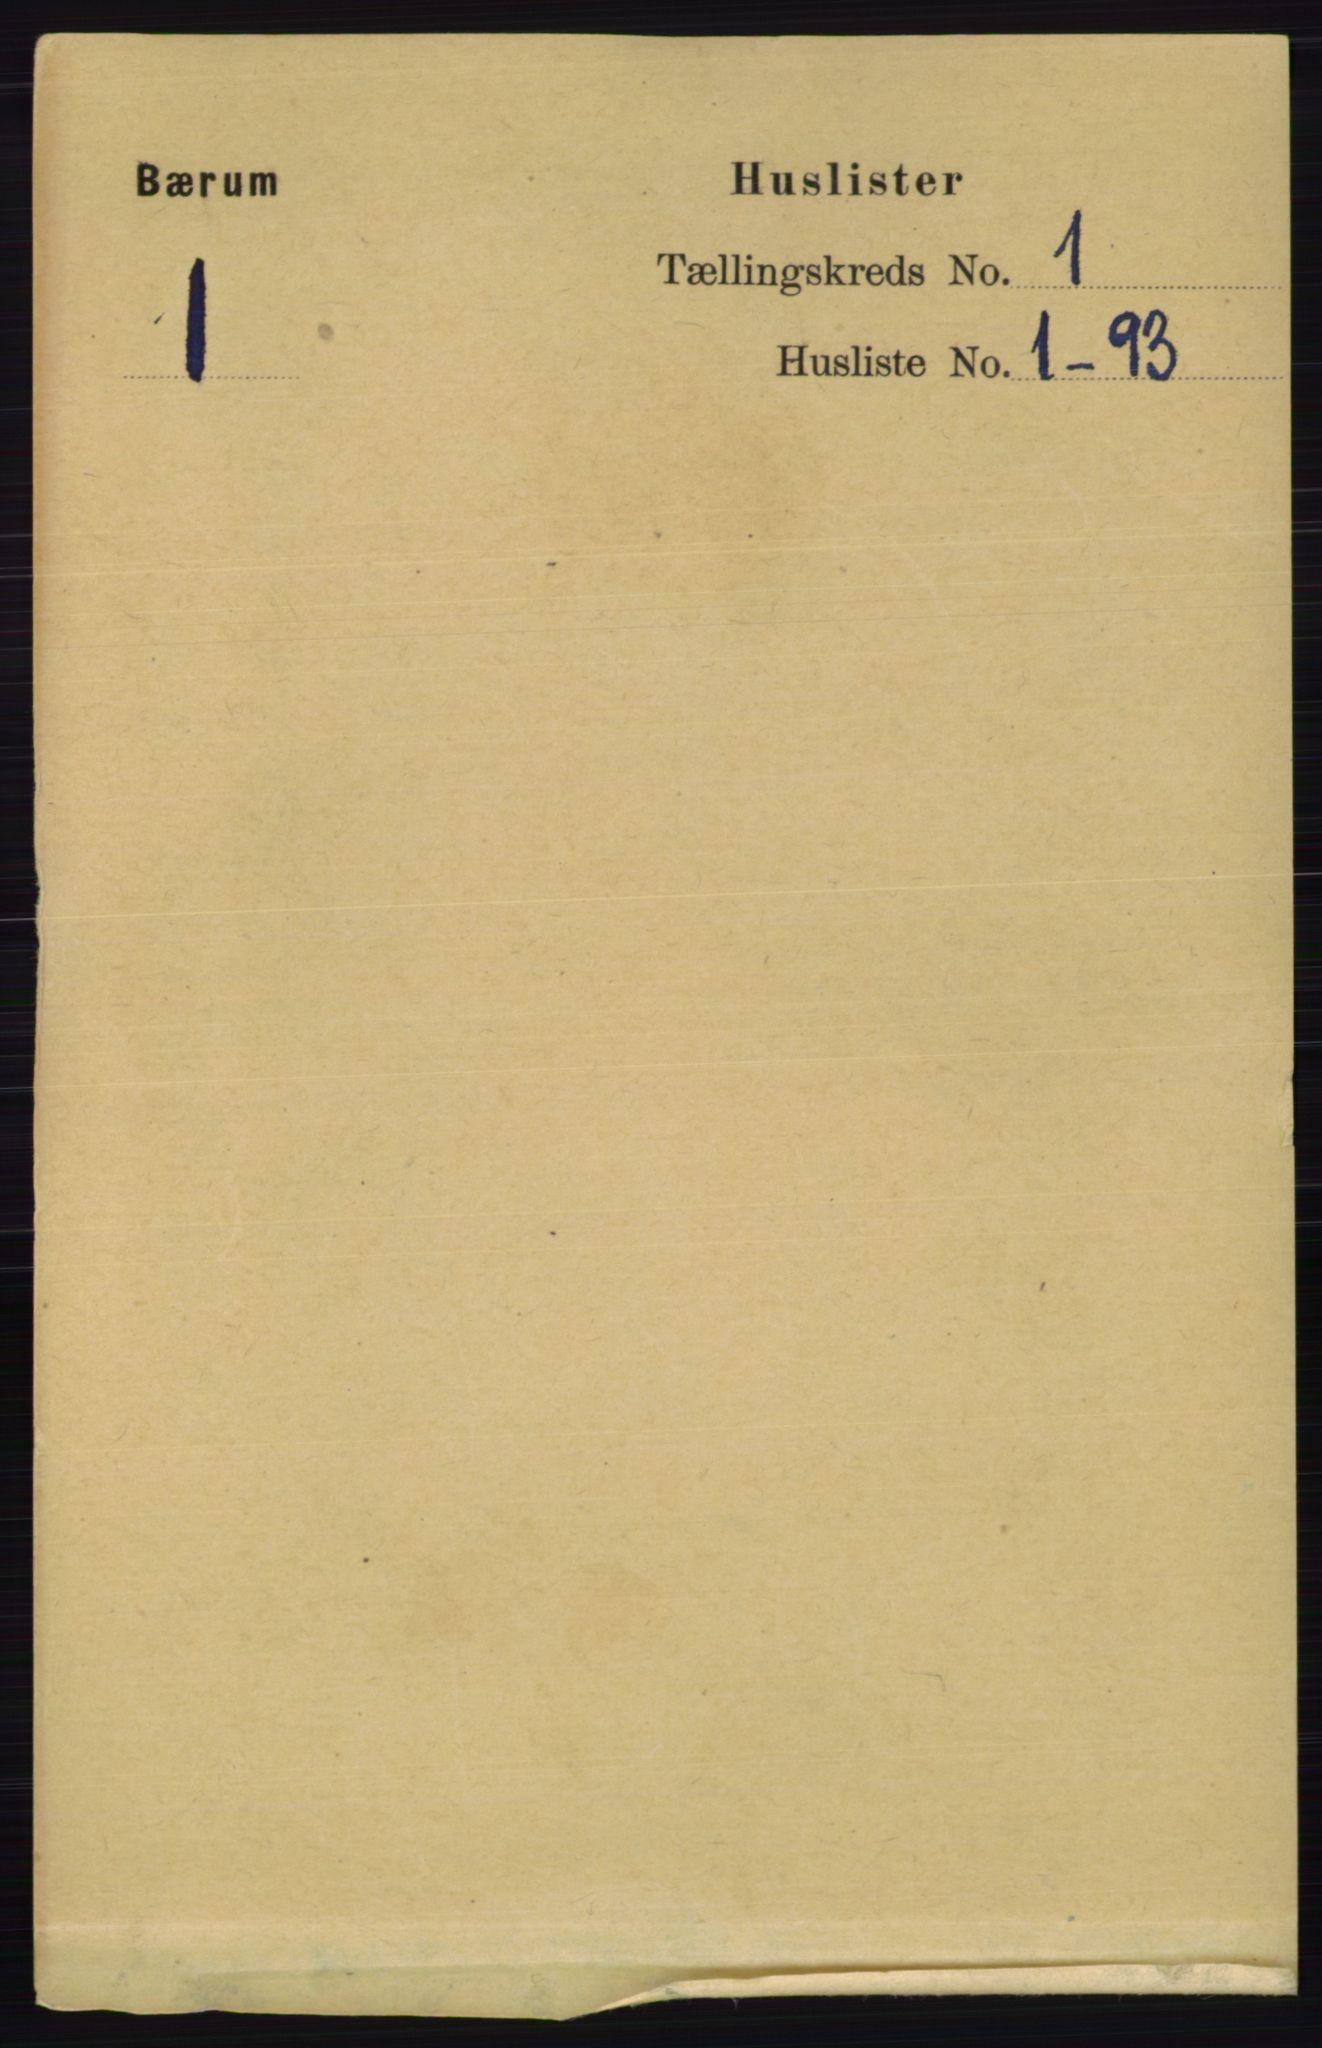 RA, Folketelling 1891 for 0219 Bærum herred, 1891, s. 41